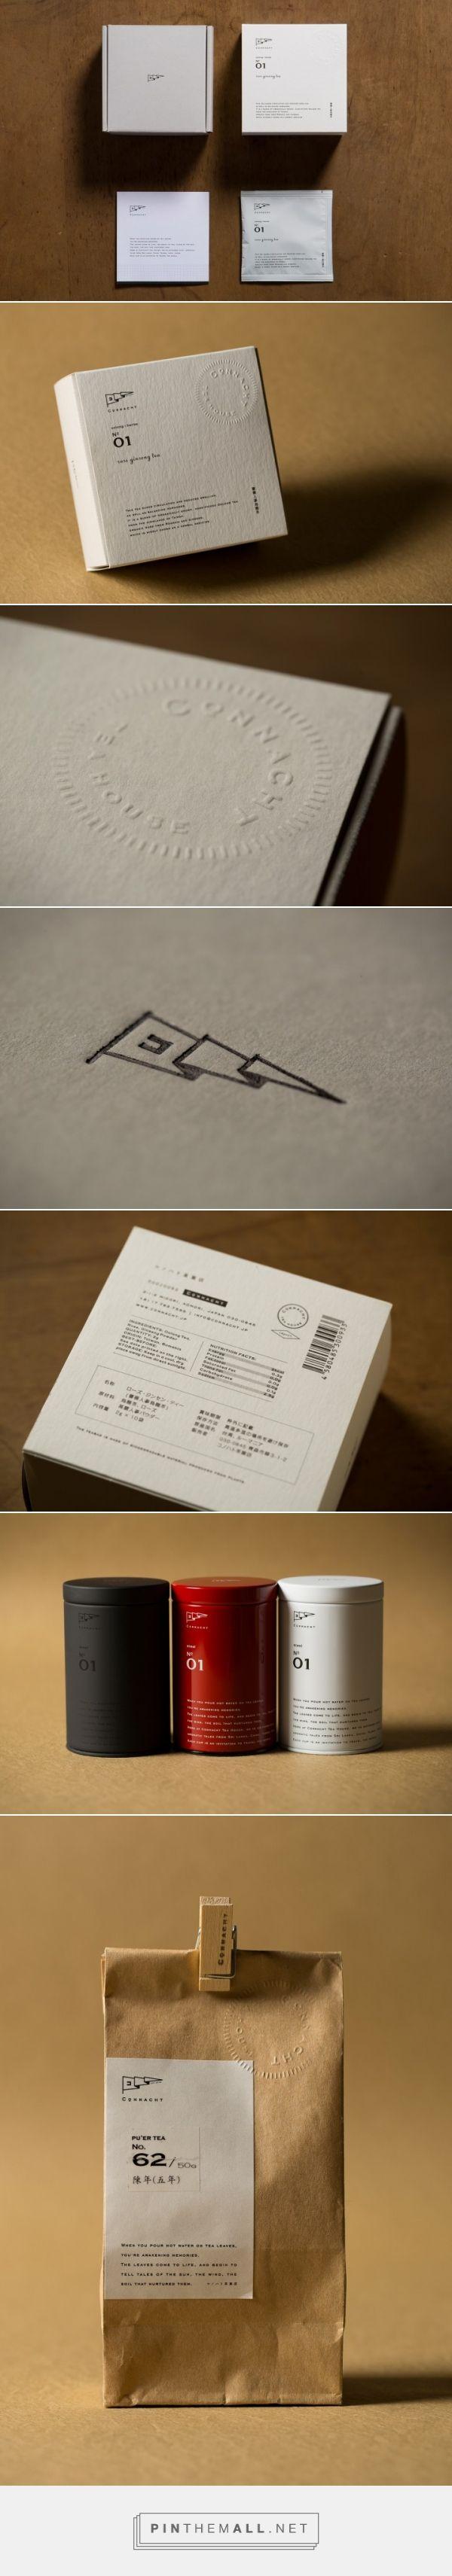 コノハト茶葉店|09works(ワックワークス)和久尚史デザイン事務所/青森でのホームページ制作デザイン・各種印刷物のデザインは青森のデザイン事務所で。 - created via https://pinthemall.net